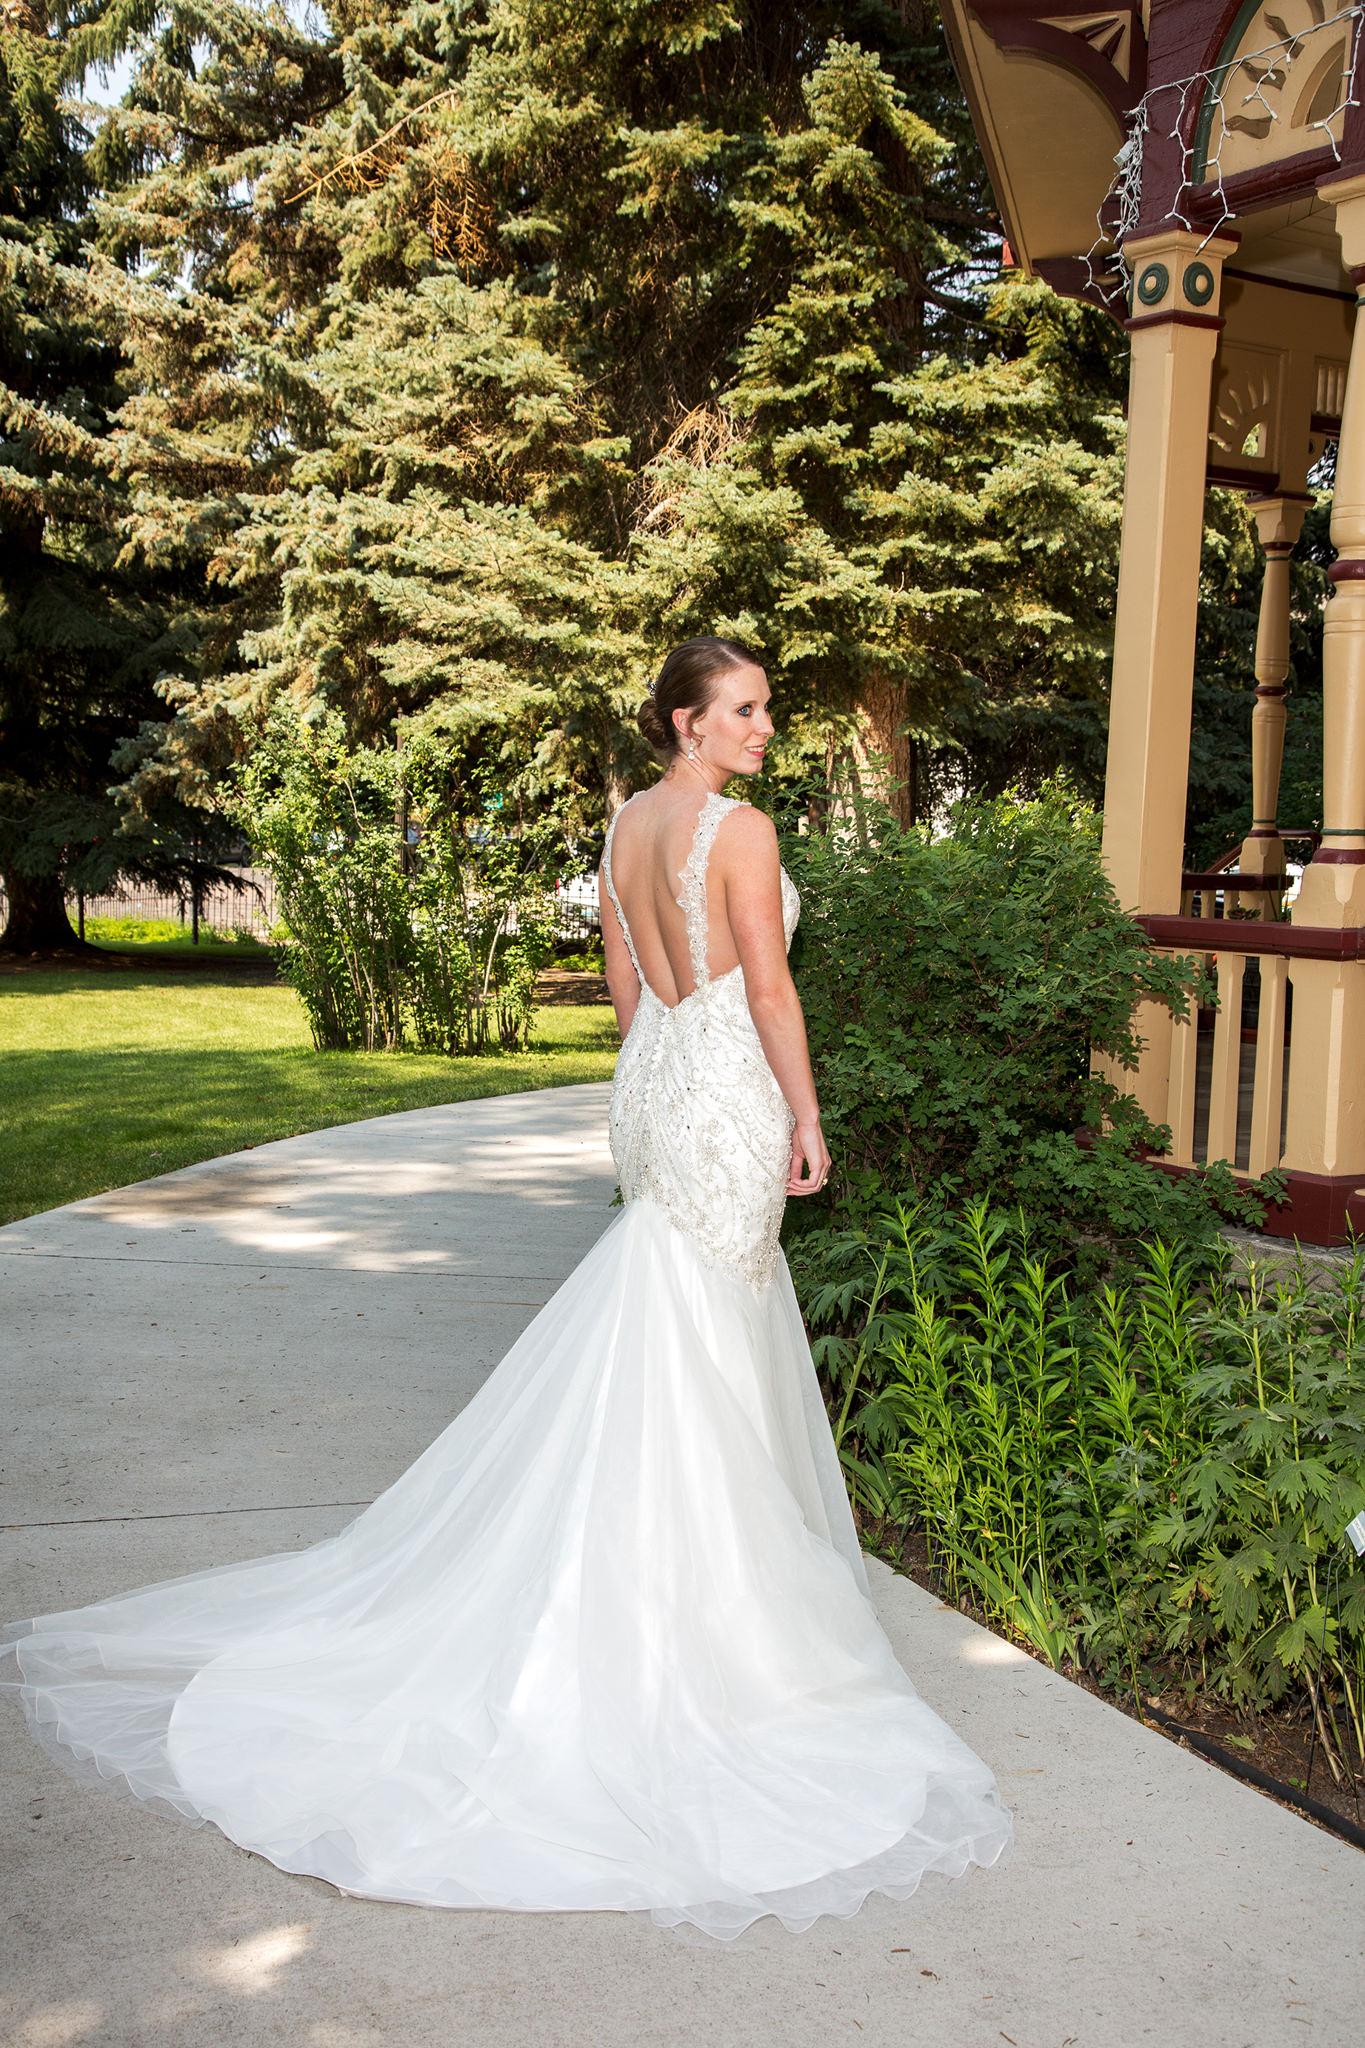 marchese_wedding_086 copy